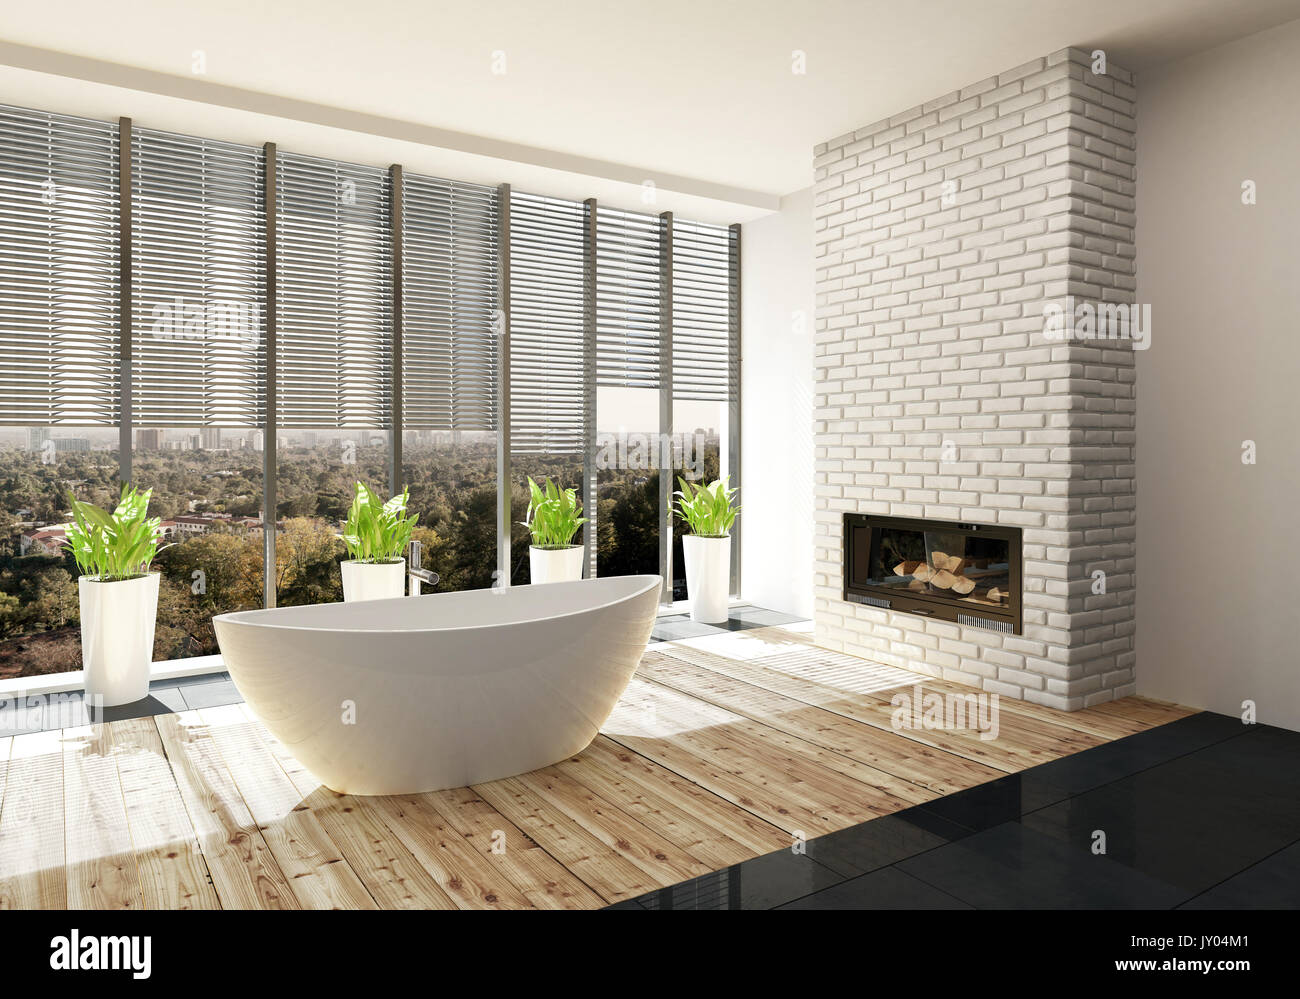 salle de bains de luxe avec cheminée insert dans un mur de briques